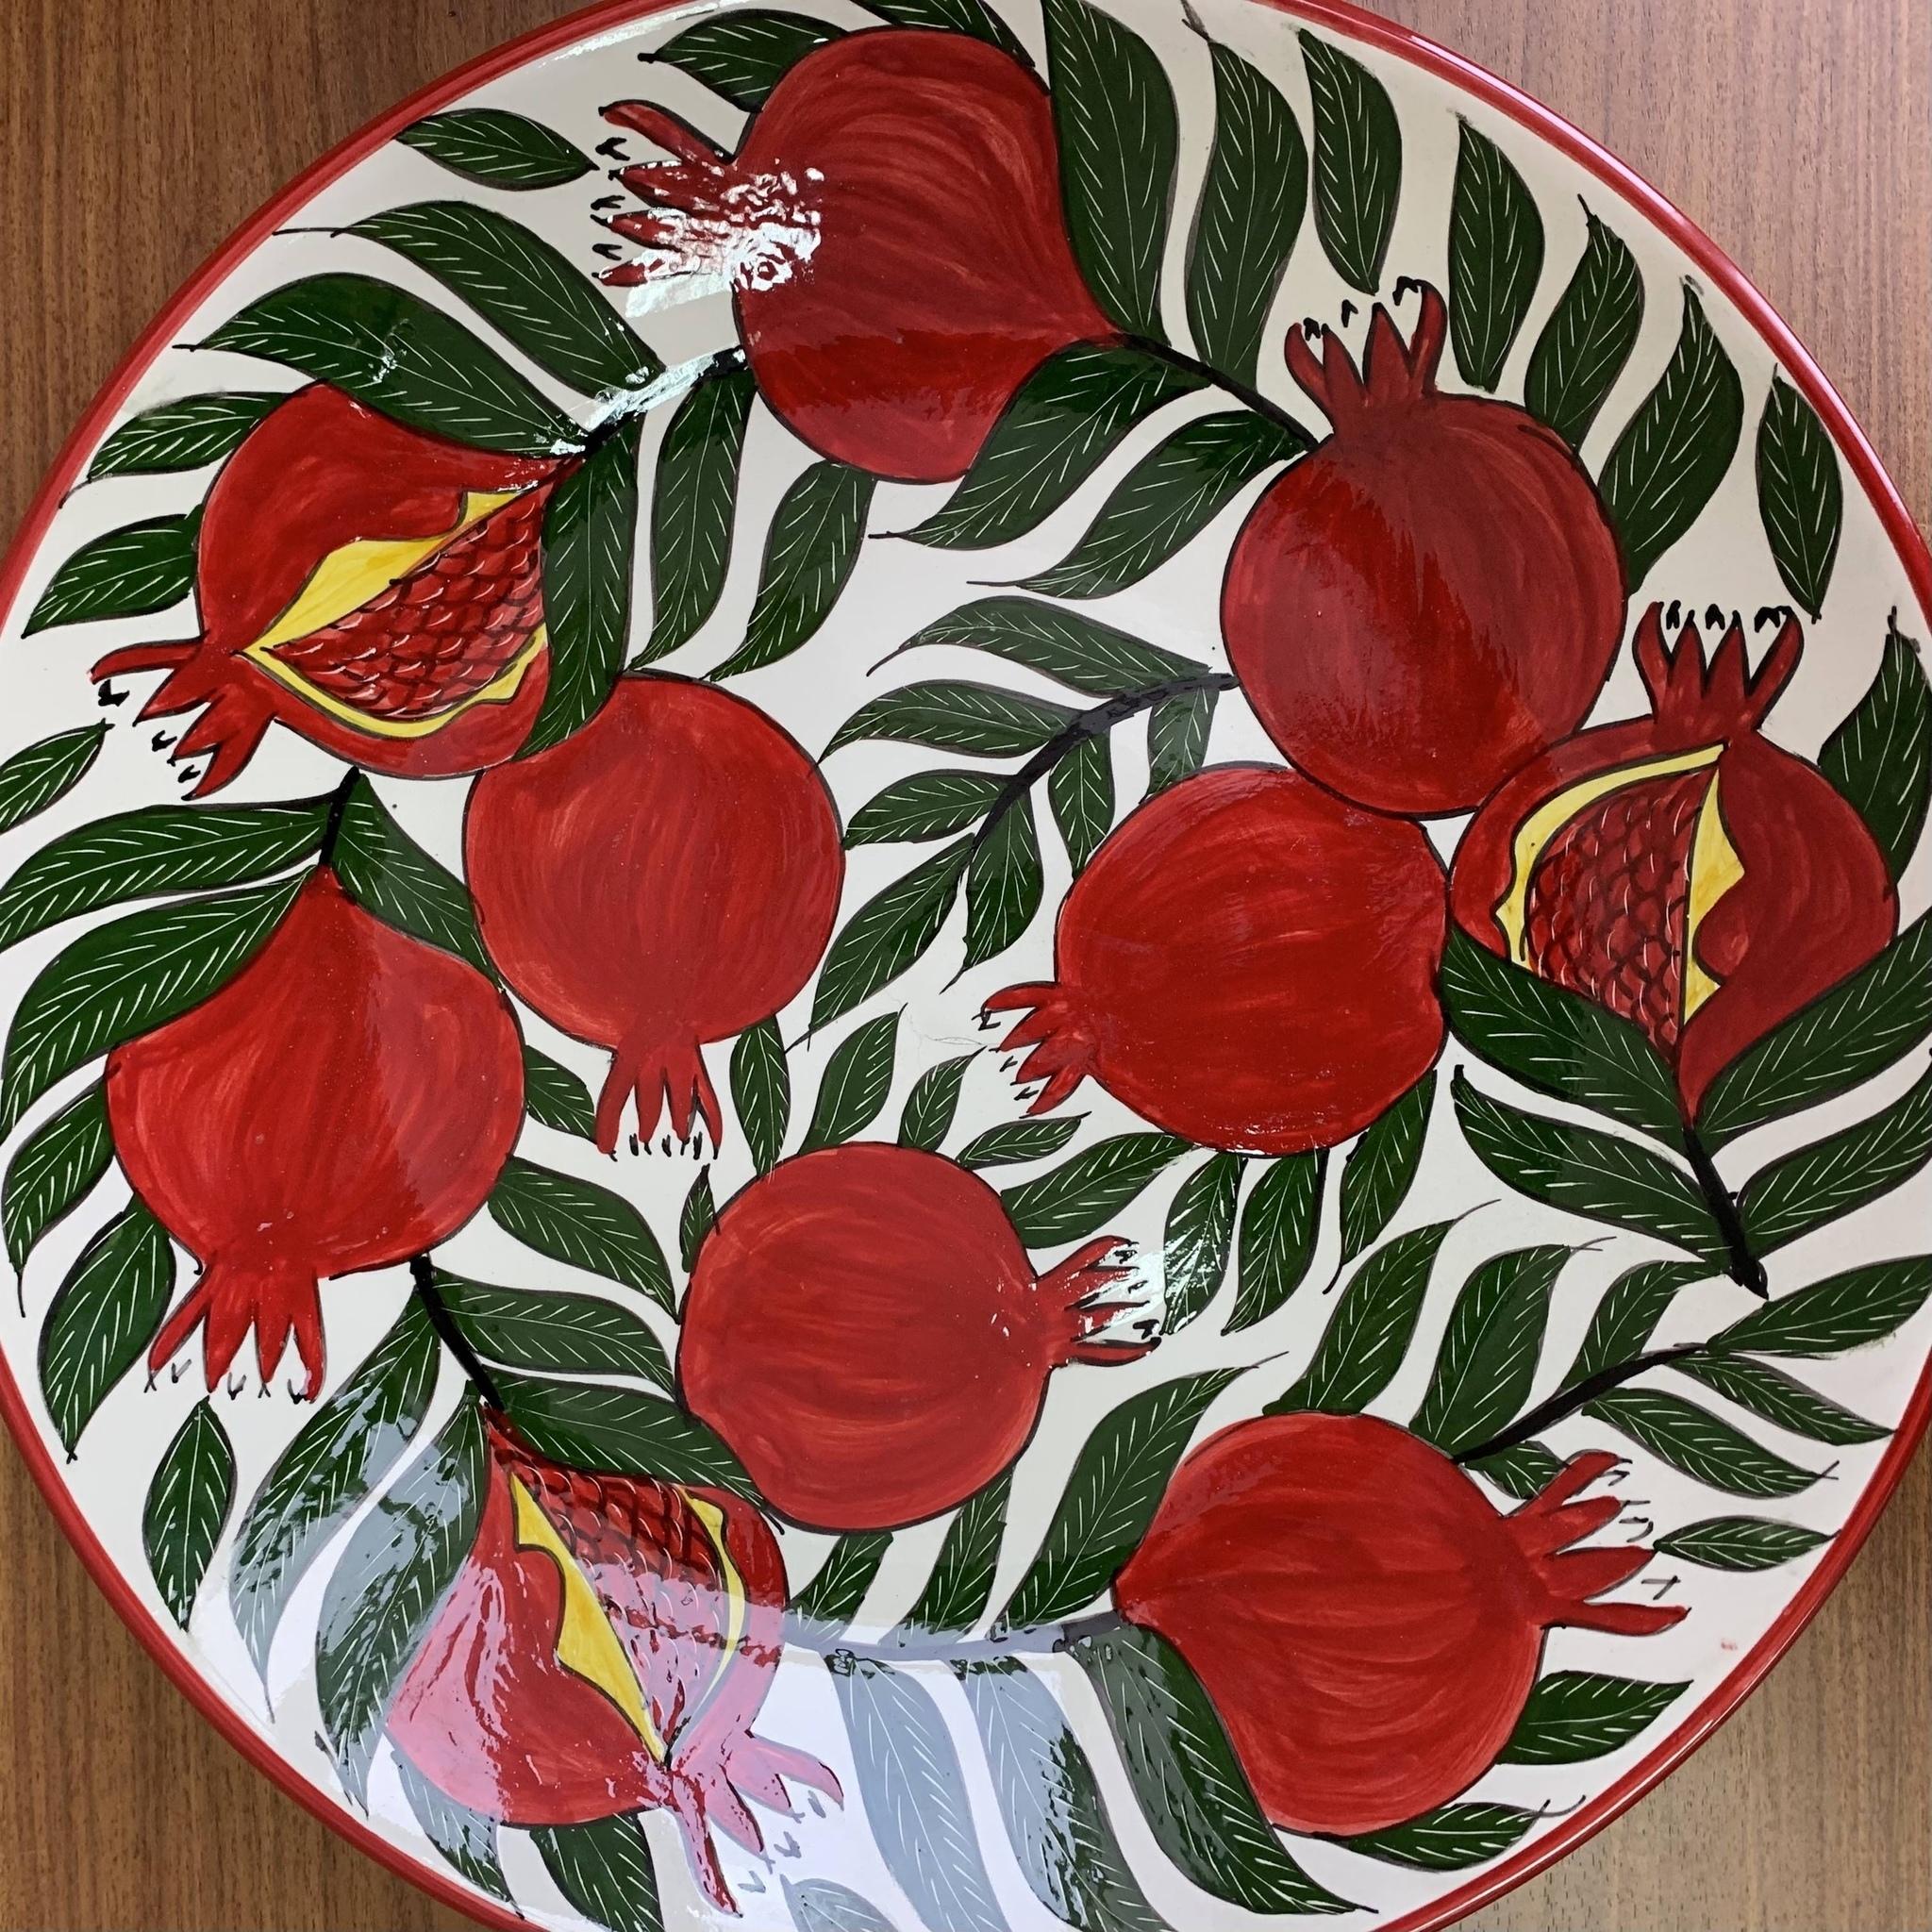 Посуда Ляган ручная роспись гранат 42 см 4nKamsOQK2s.jpg